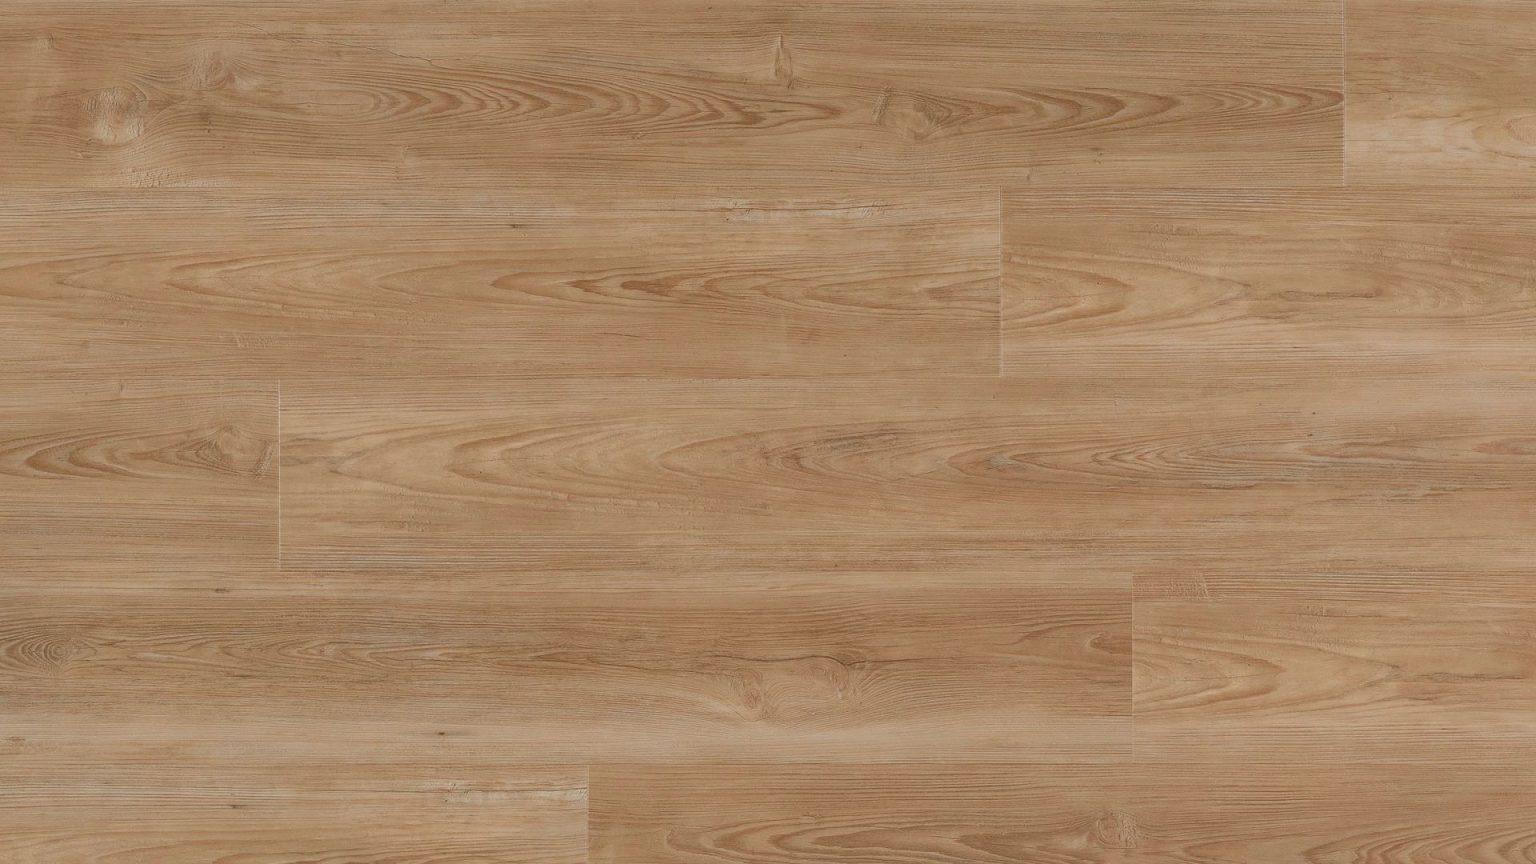 Ottowa 50 LVRE 126 / COREtec® authentics wood